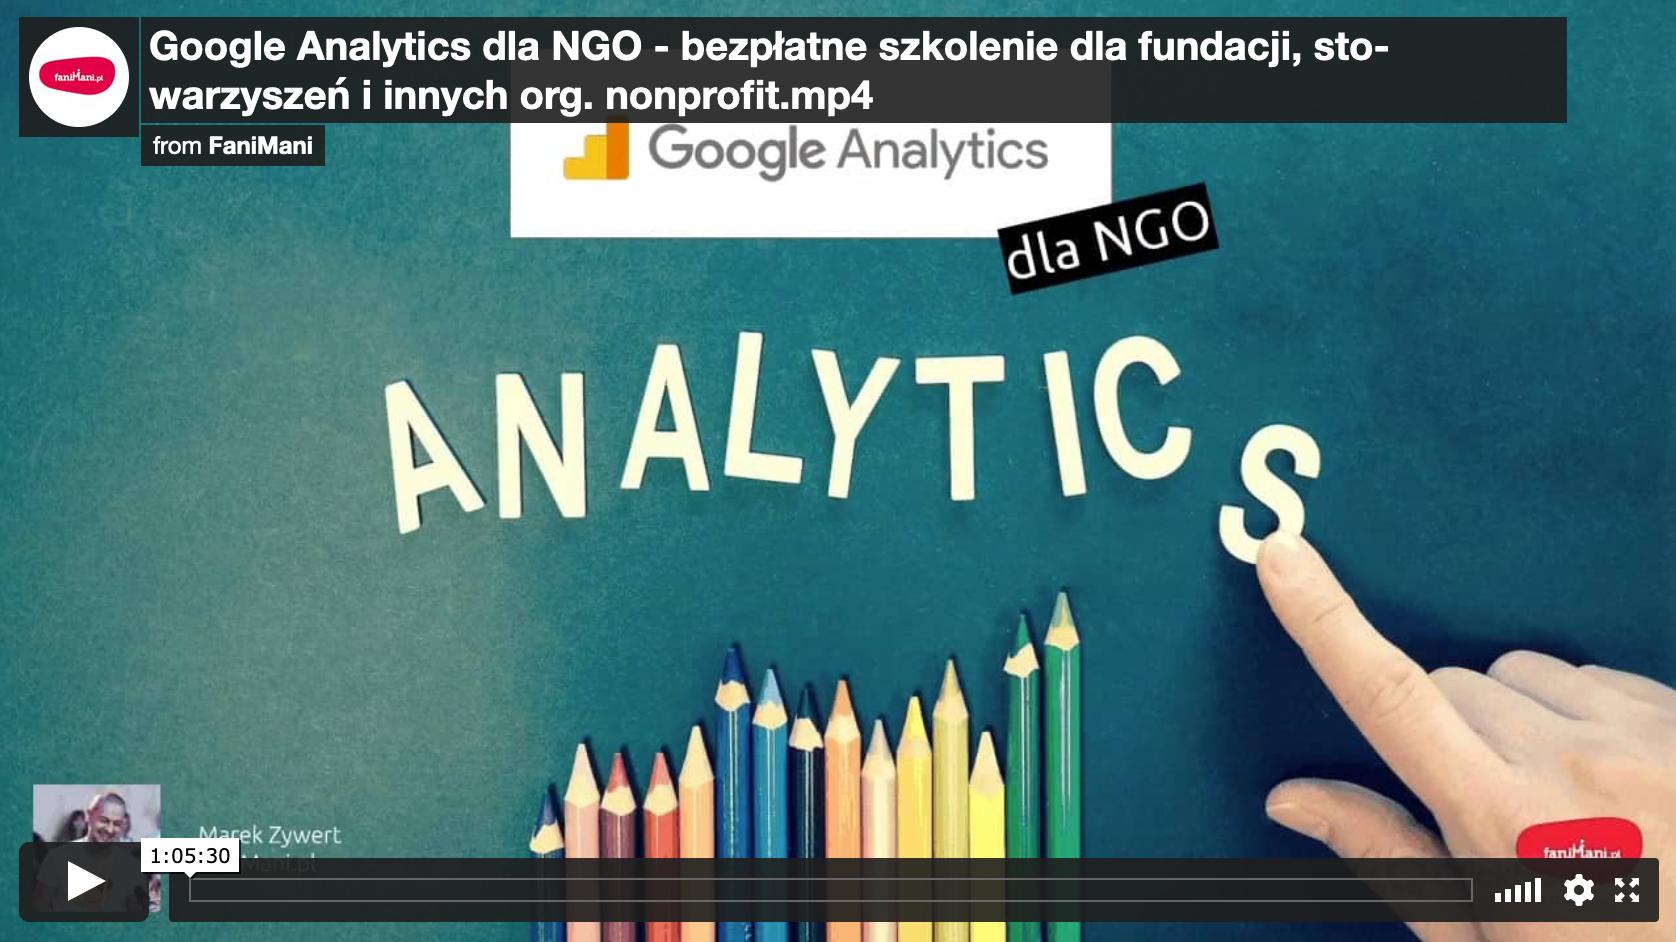 Google Analytics dla NGO - bezpłatne szkolenie dla fundacji, stowarzyszeń i innych organizacji nonprofit